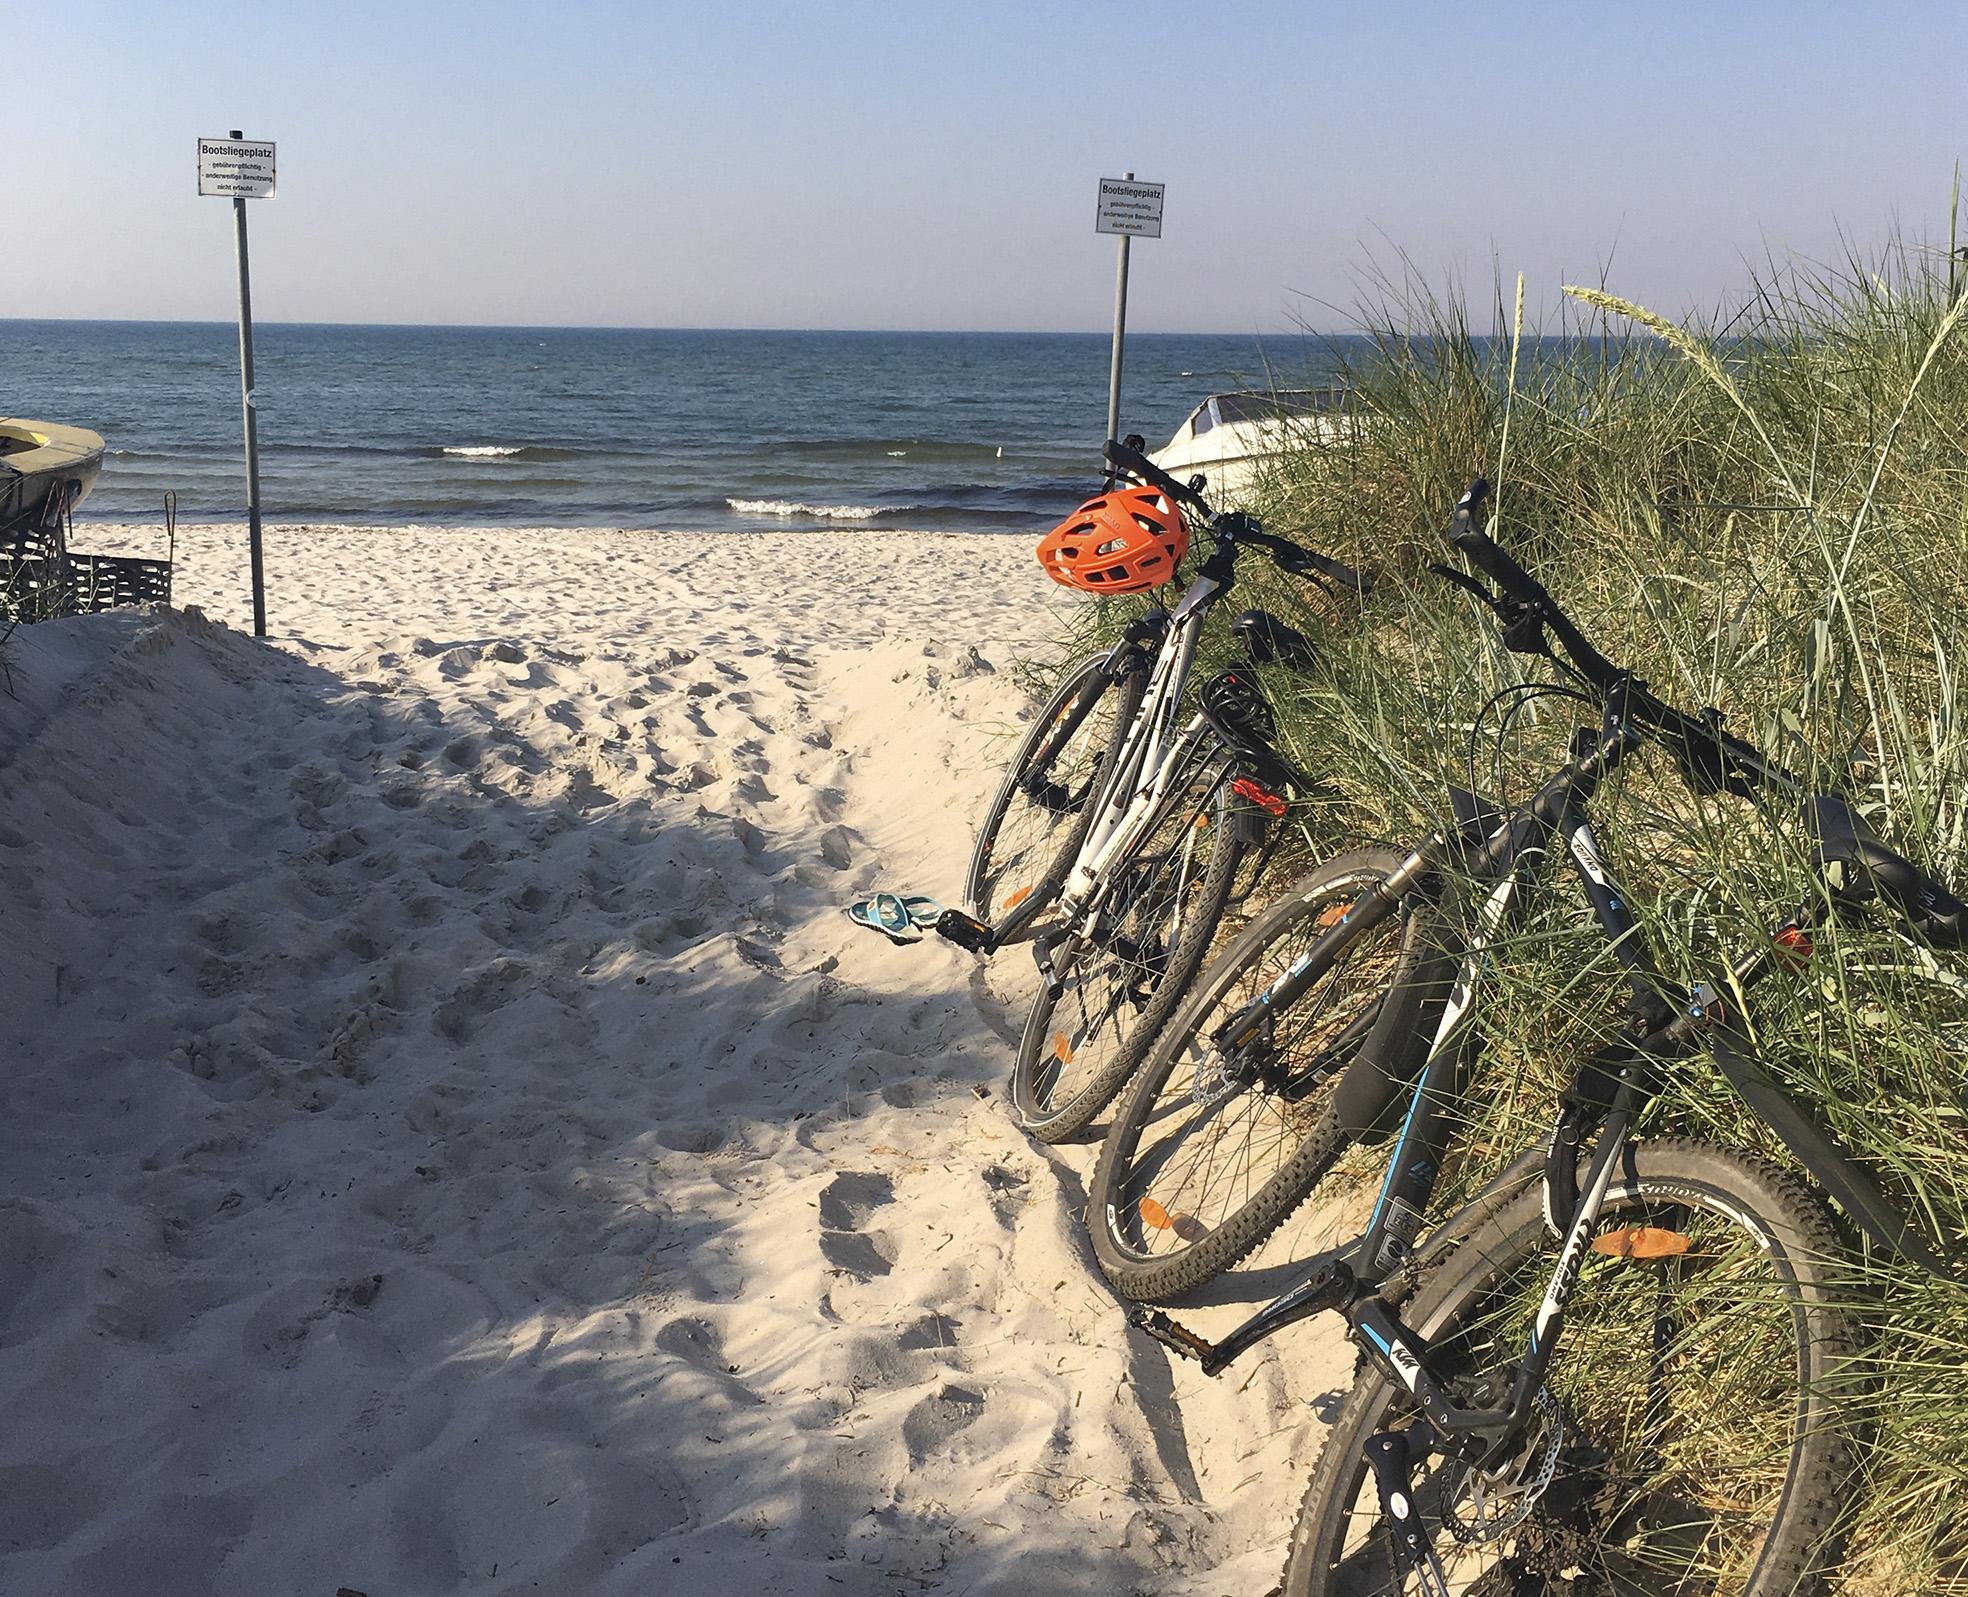 Radtour: Meine drei liebsten Fahrradstrecken